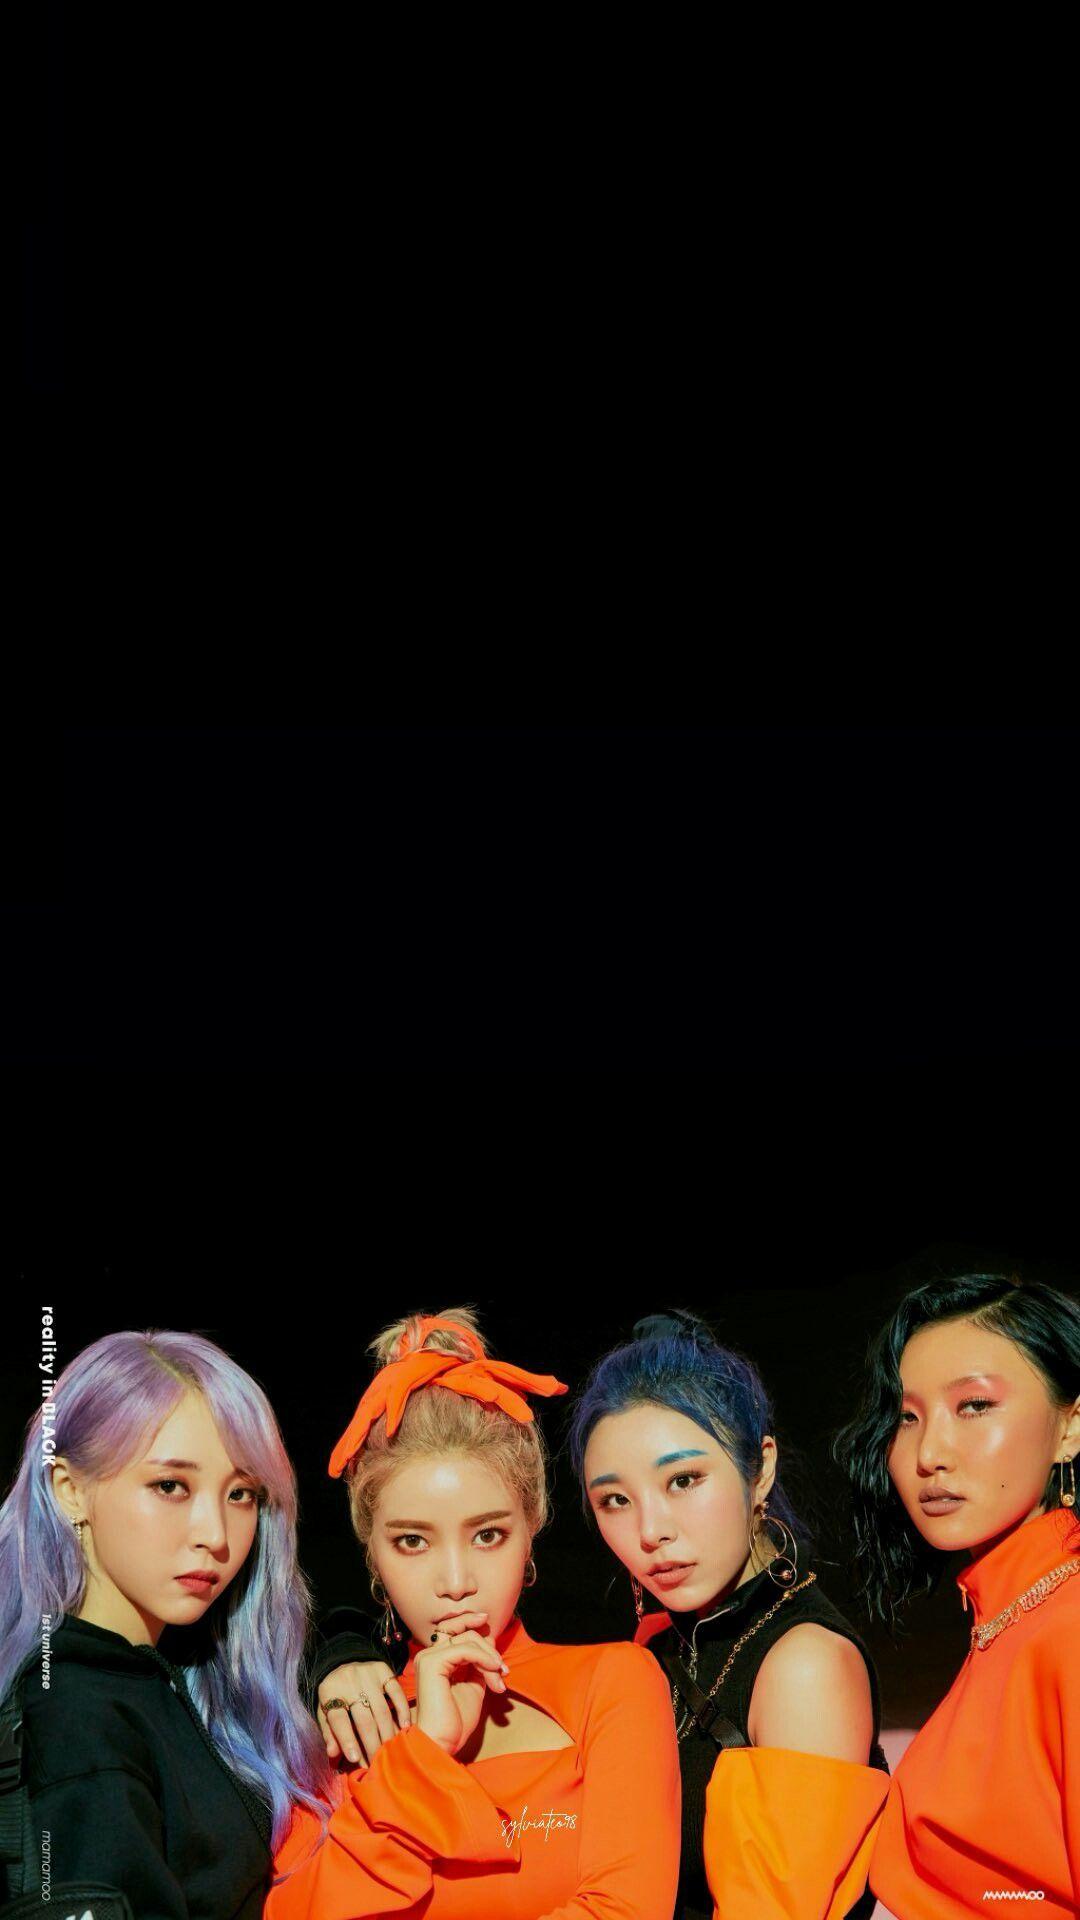 Kpop Wallpaper Kpop Kpop Wallpaper Kpop Iphone Wallpaper Mamamoo Kpop